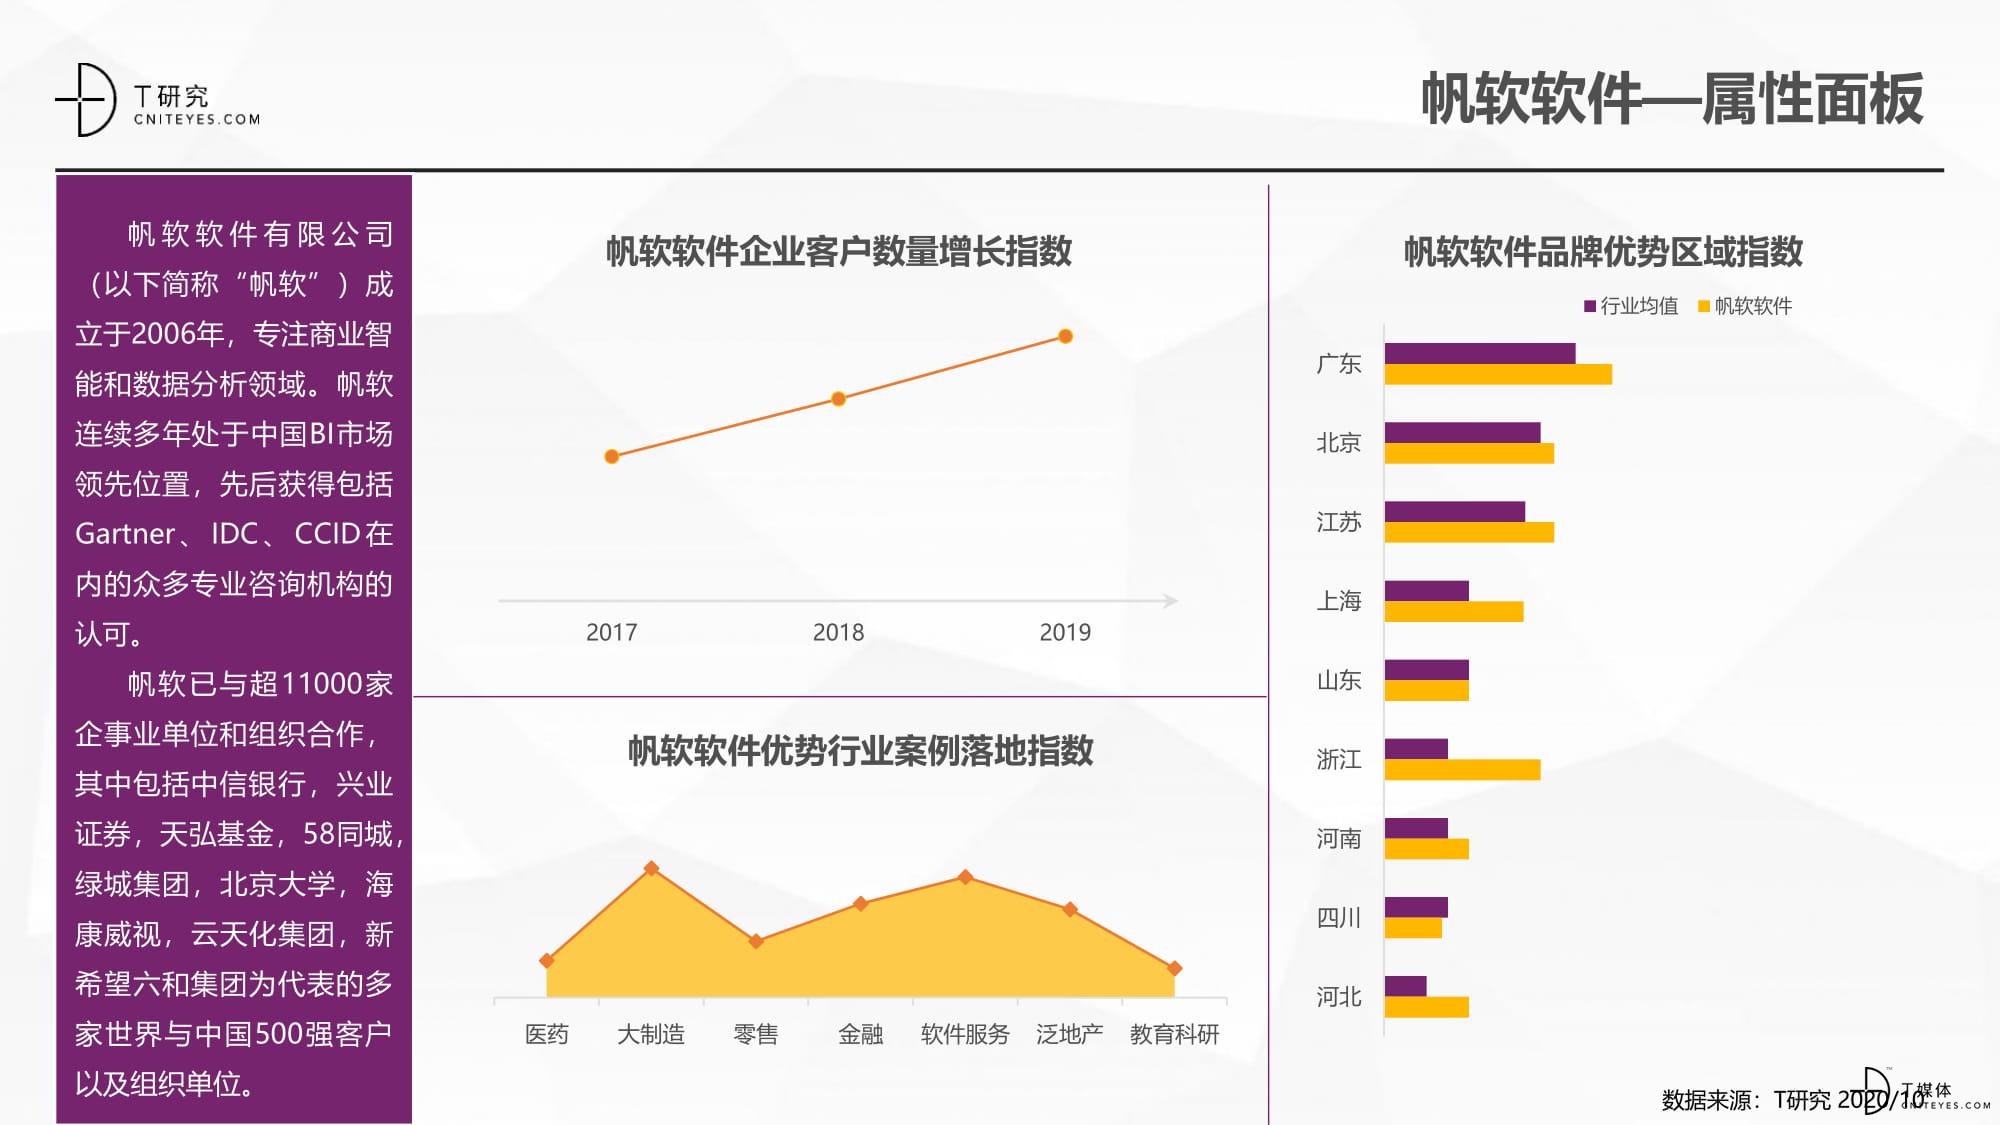 2020中国BI指数测评报告-22.jpg